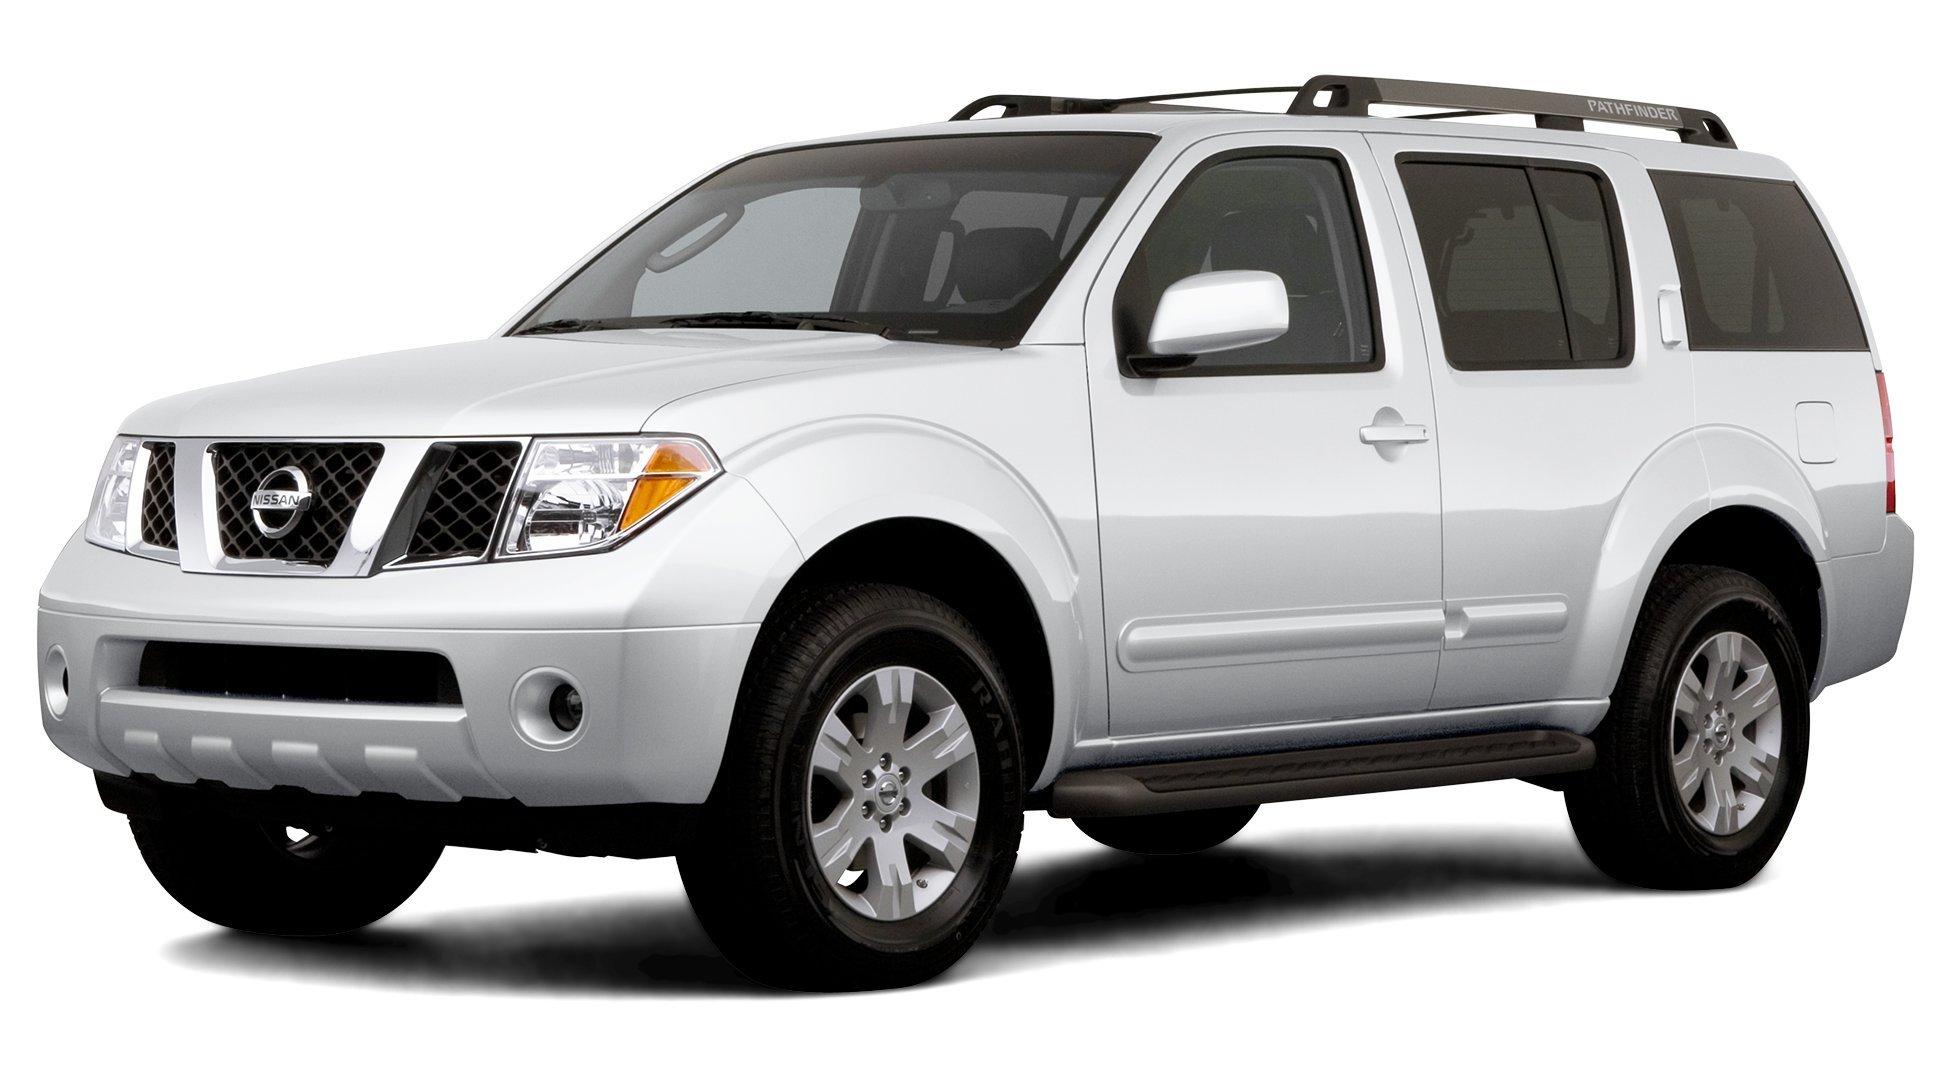 ... 2007 Nissan Pathfinder LE, 2-Wheel Drive 4-Door. 2007 Dodge Durango ...